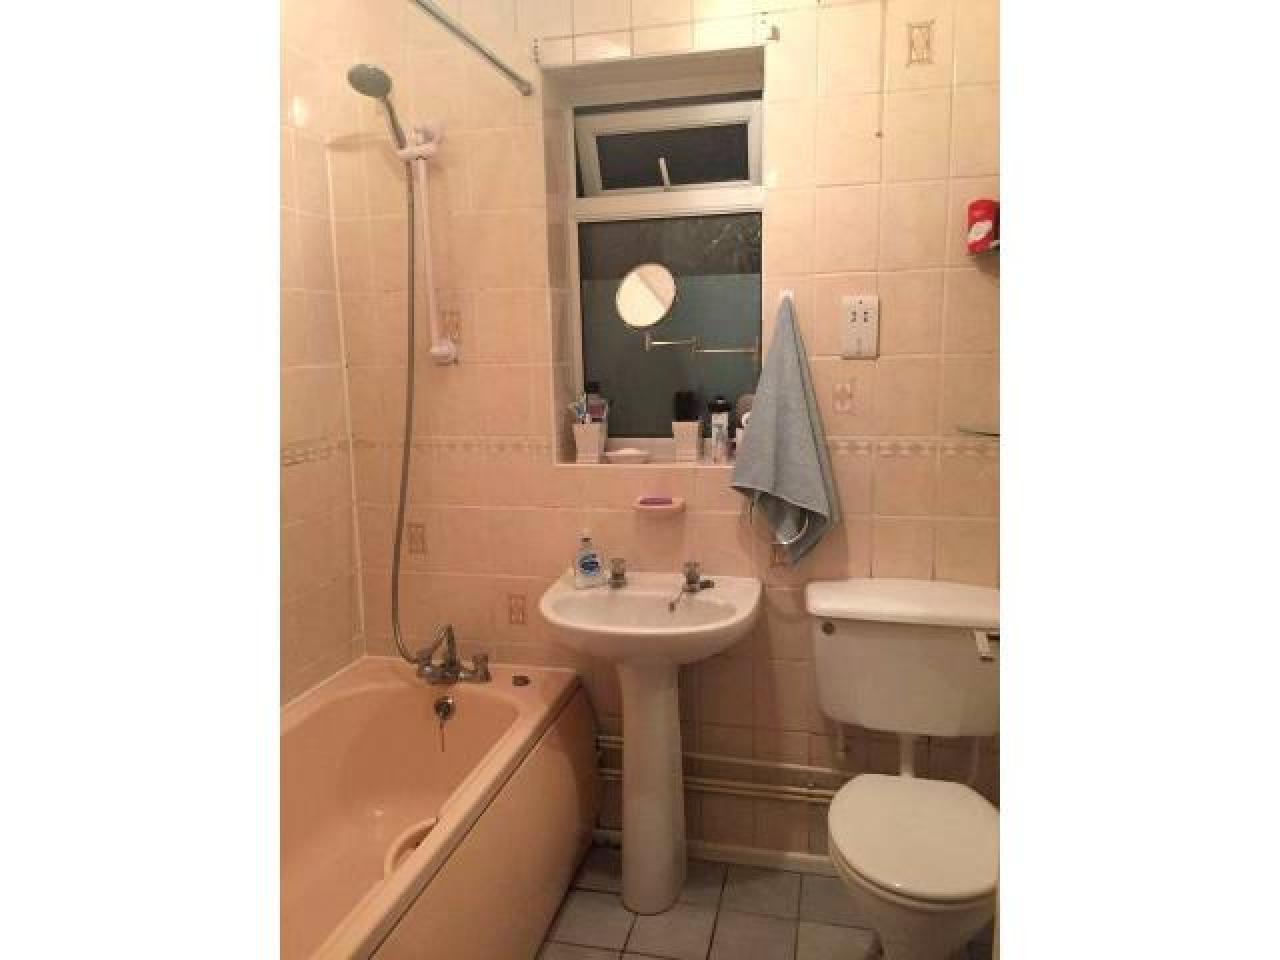 Сдается замечательная двухместная комната в Eltham. ВСЕ СЧЕТА ВКЛЮЧЕНЫ. - 6